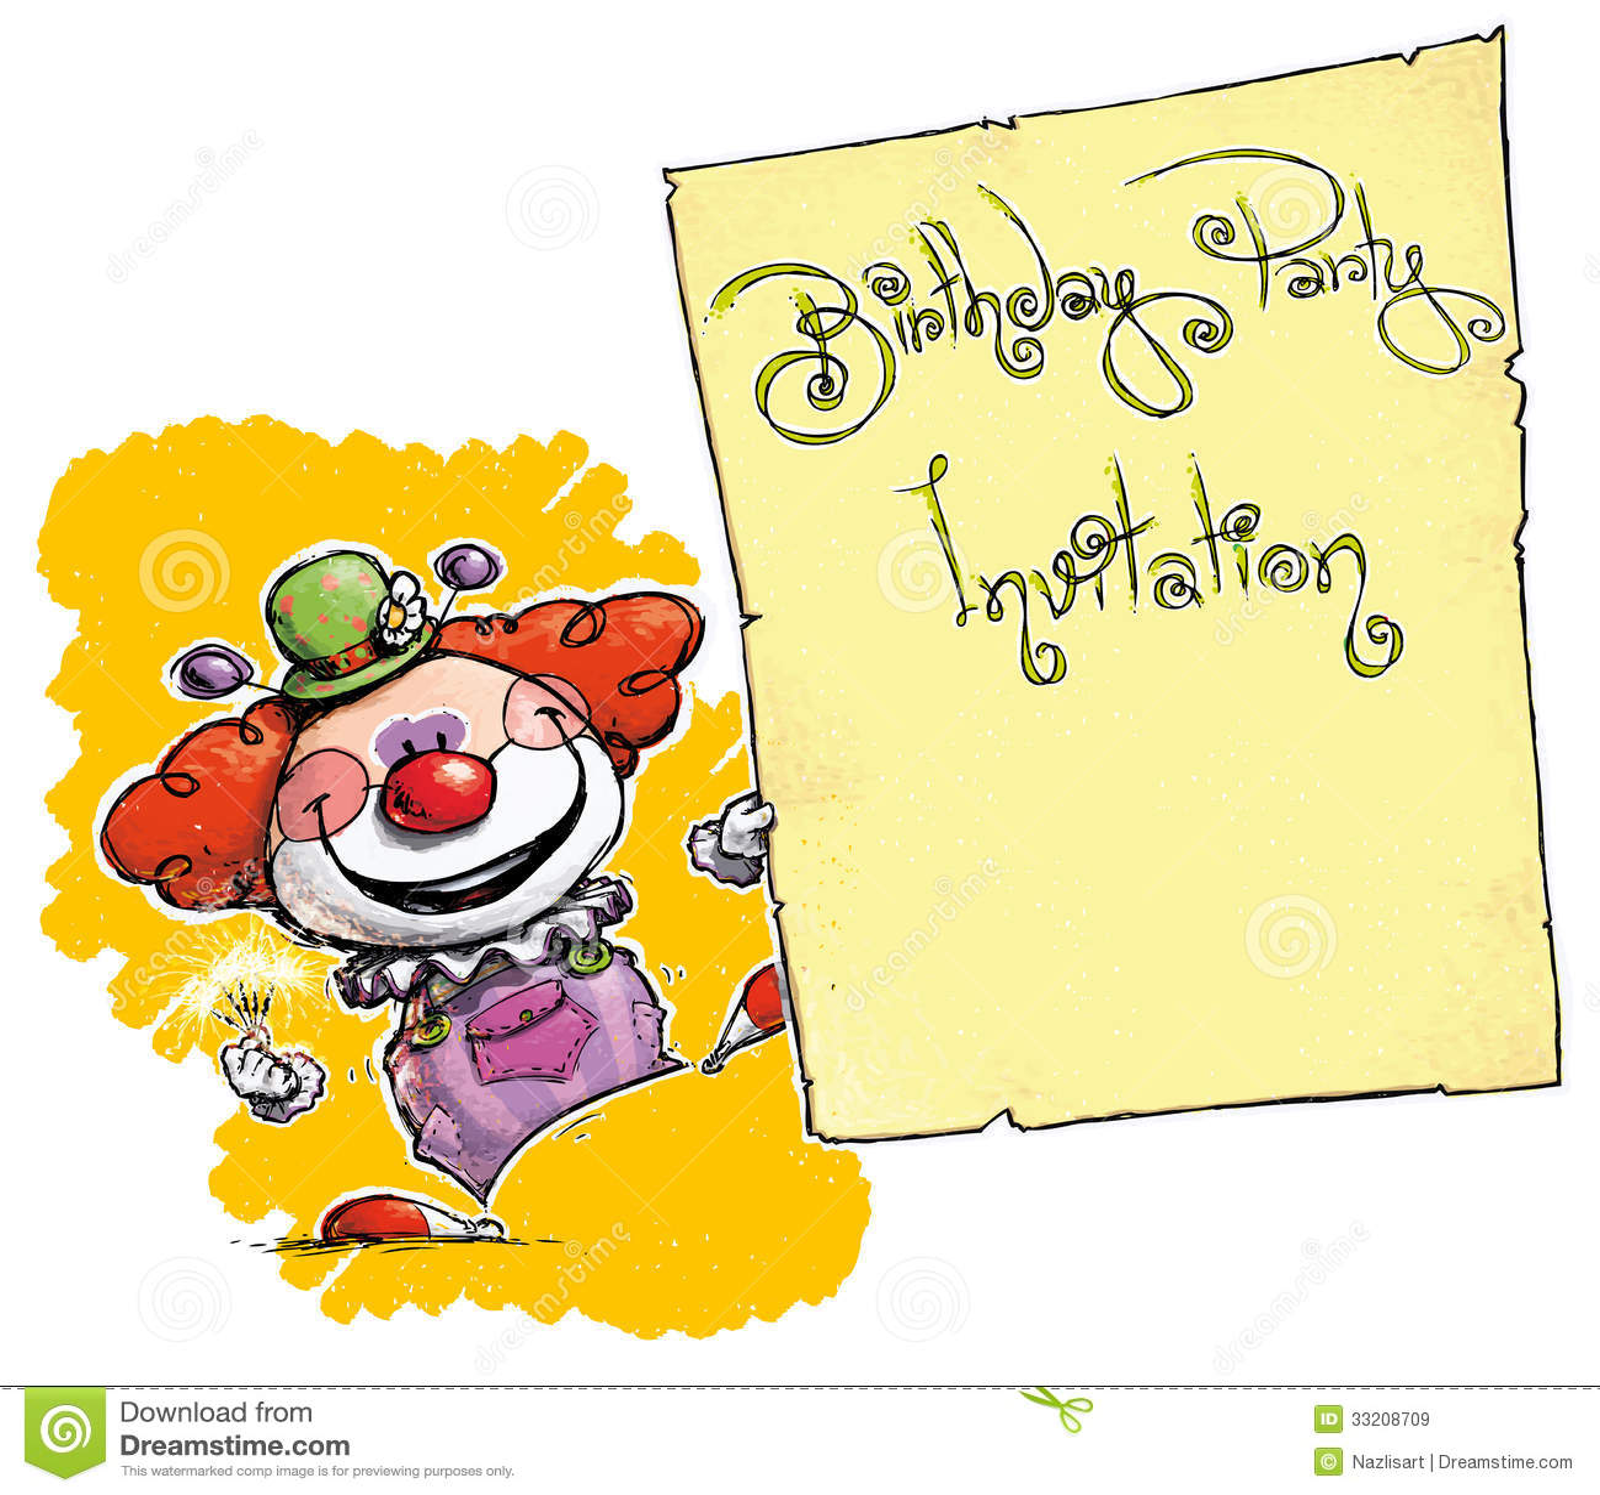 Senior Invitation was adorable invitations example